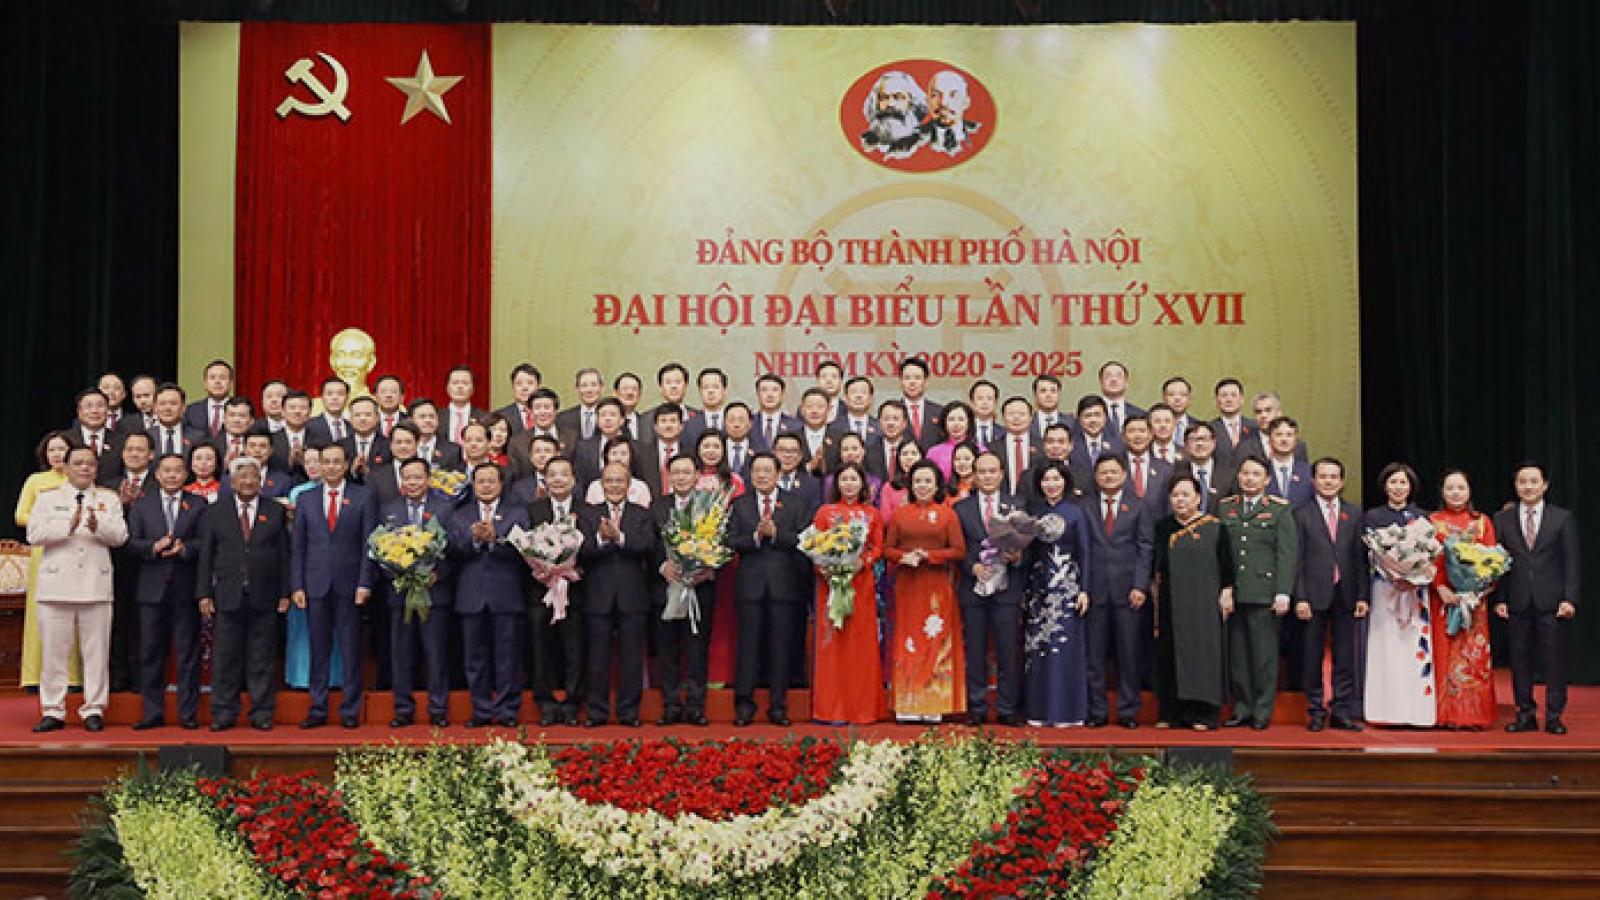 Phân công Ủy viên Ban Thường vụ Thành ủy Hà Nội khóa XVII, nhiệm kỳ 2020-2025